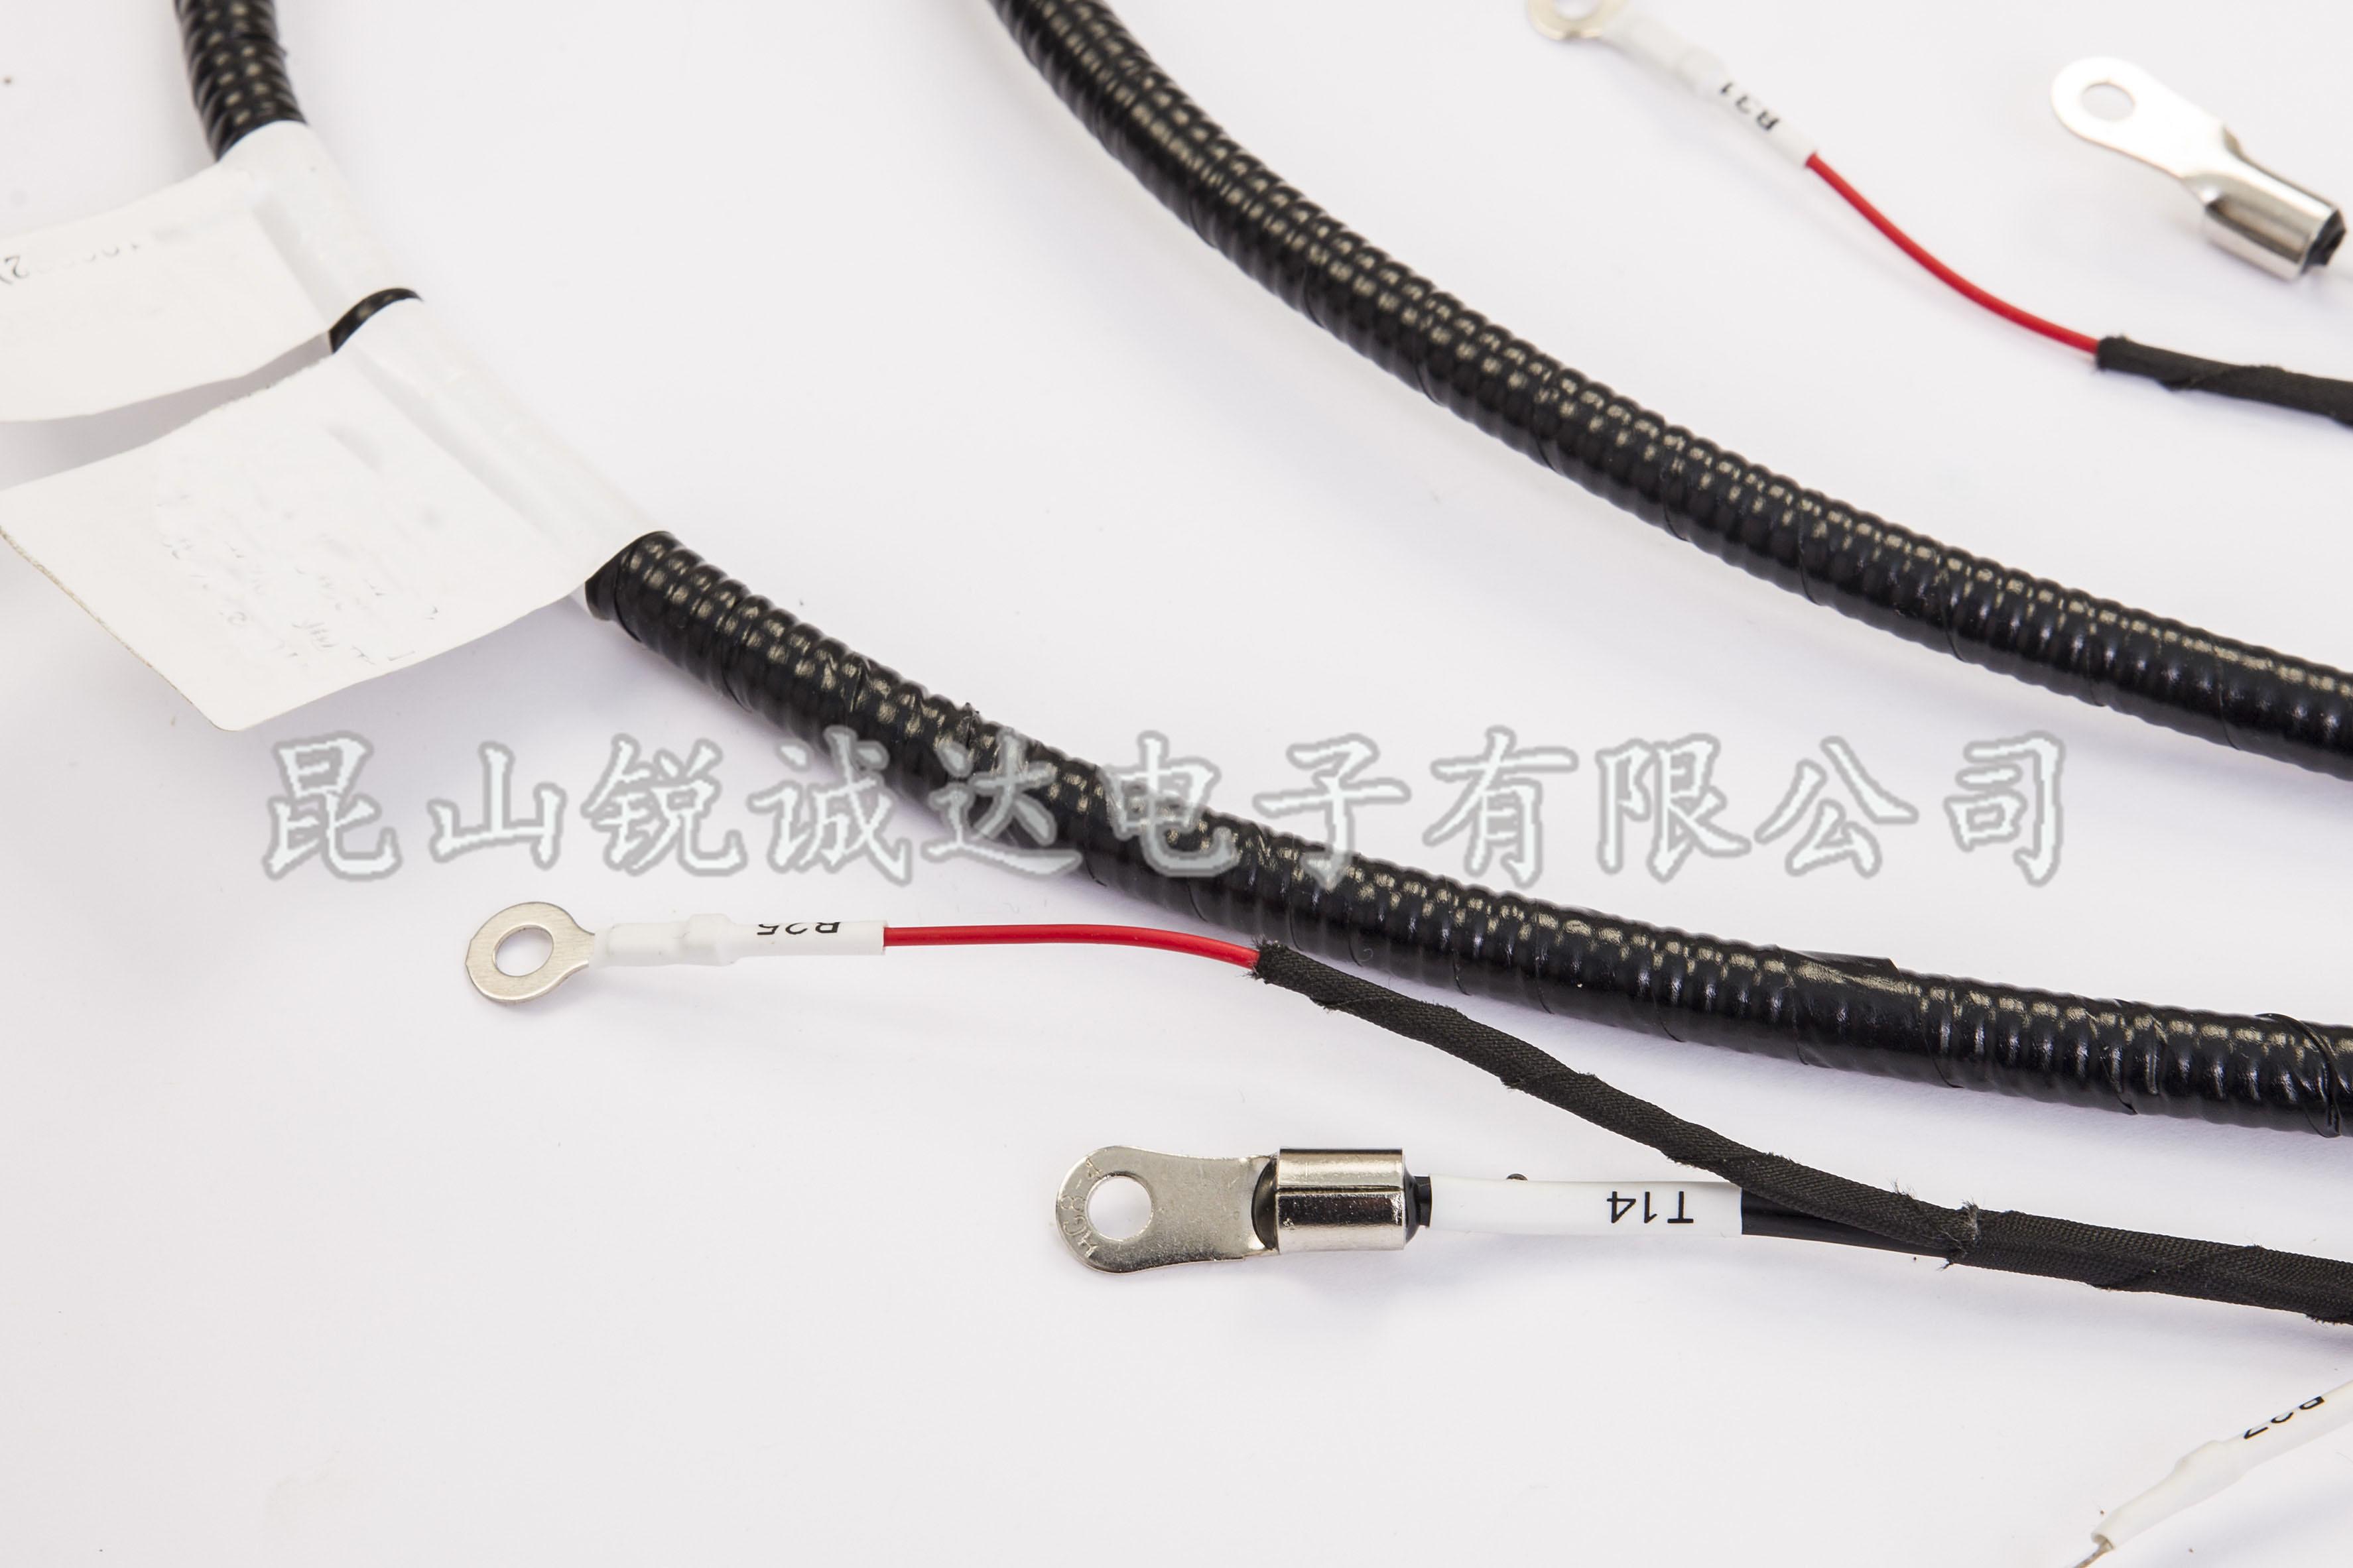 江蘇品質控制器線束設計廠家 歡迎來電 銳誠達供